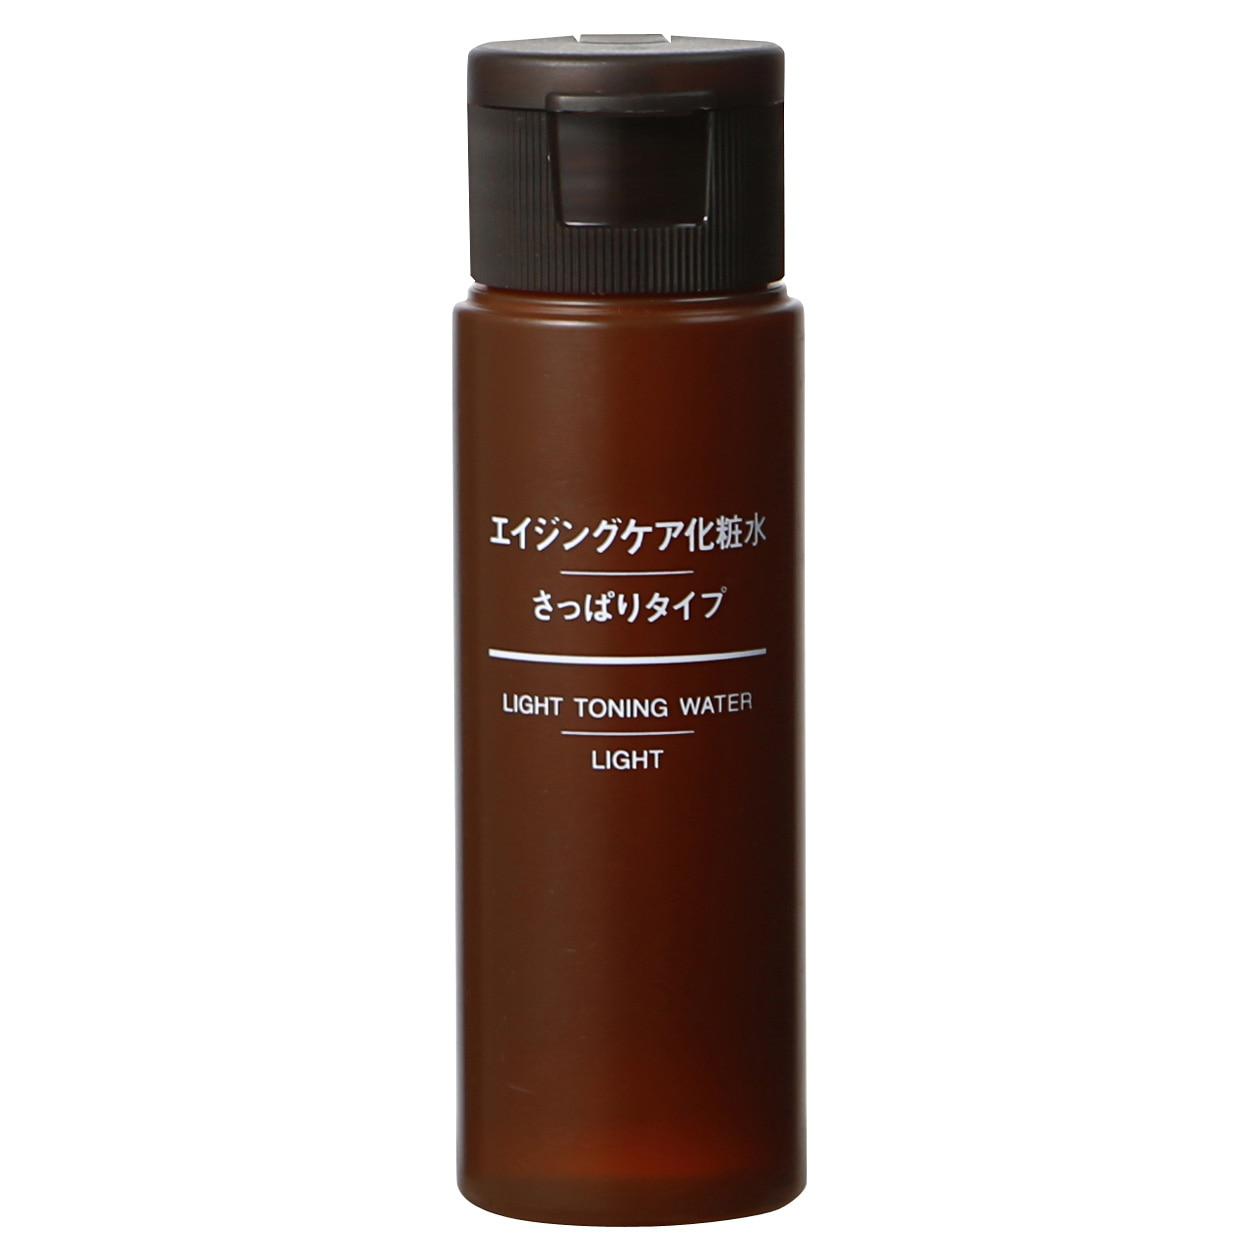 エイジングケア化粧水・さっぱりタイプ(携帯用)